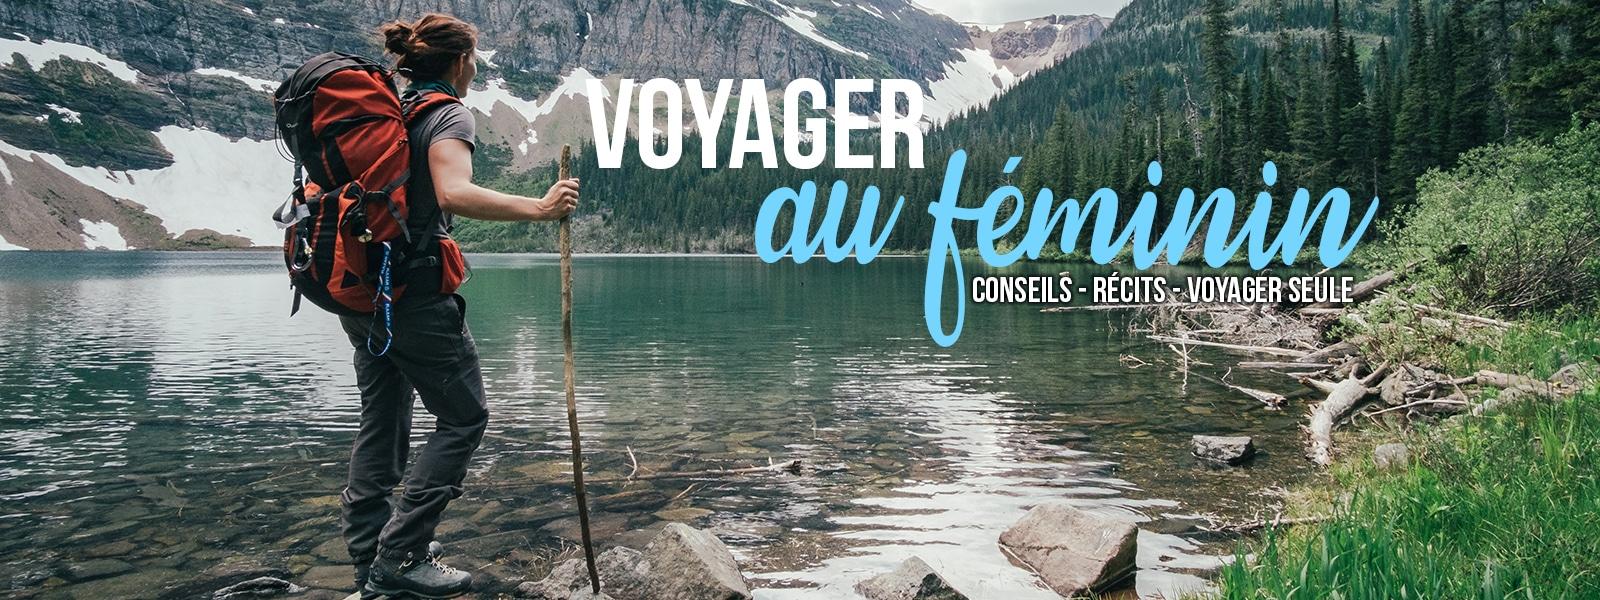 Voyager au féminin | Voyager seule en tant que femme - www.JDroadtrip.tv